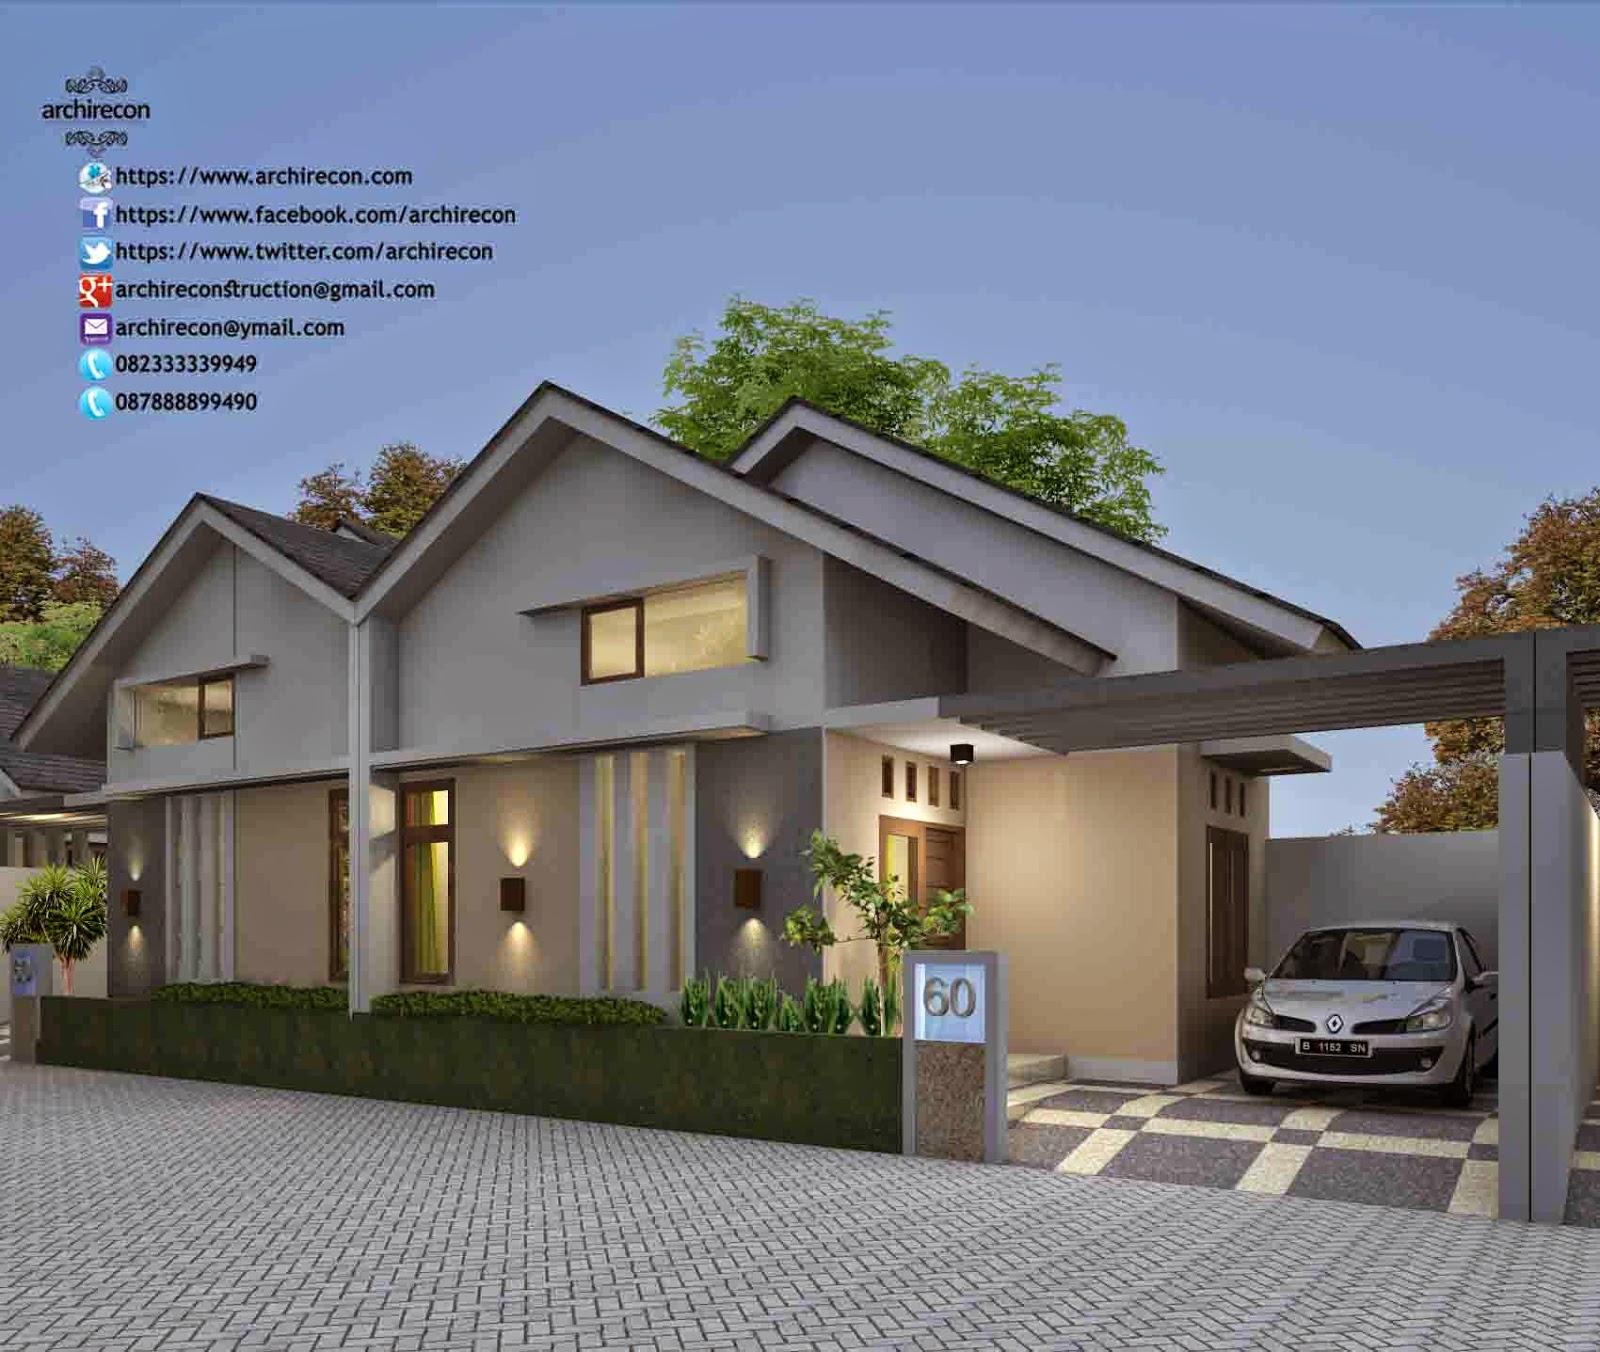 Jasa Desain Rumah Minimalis di Kediri